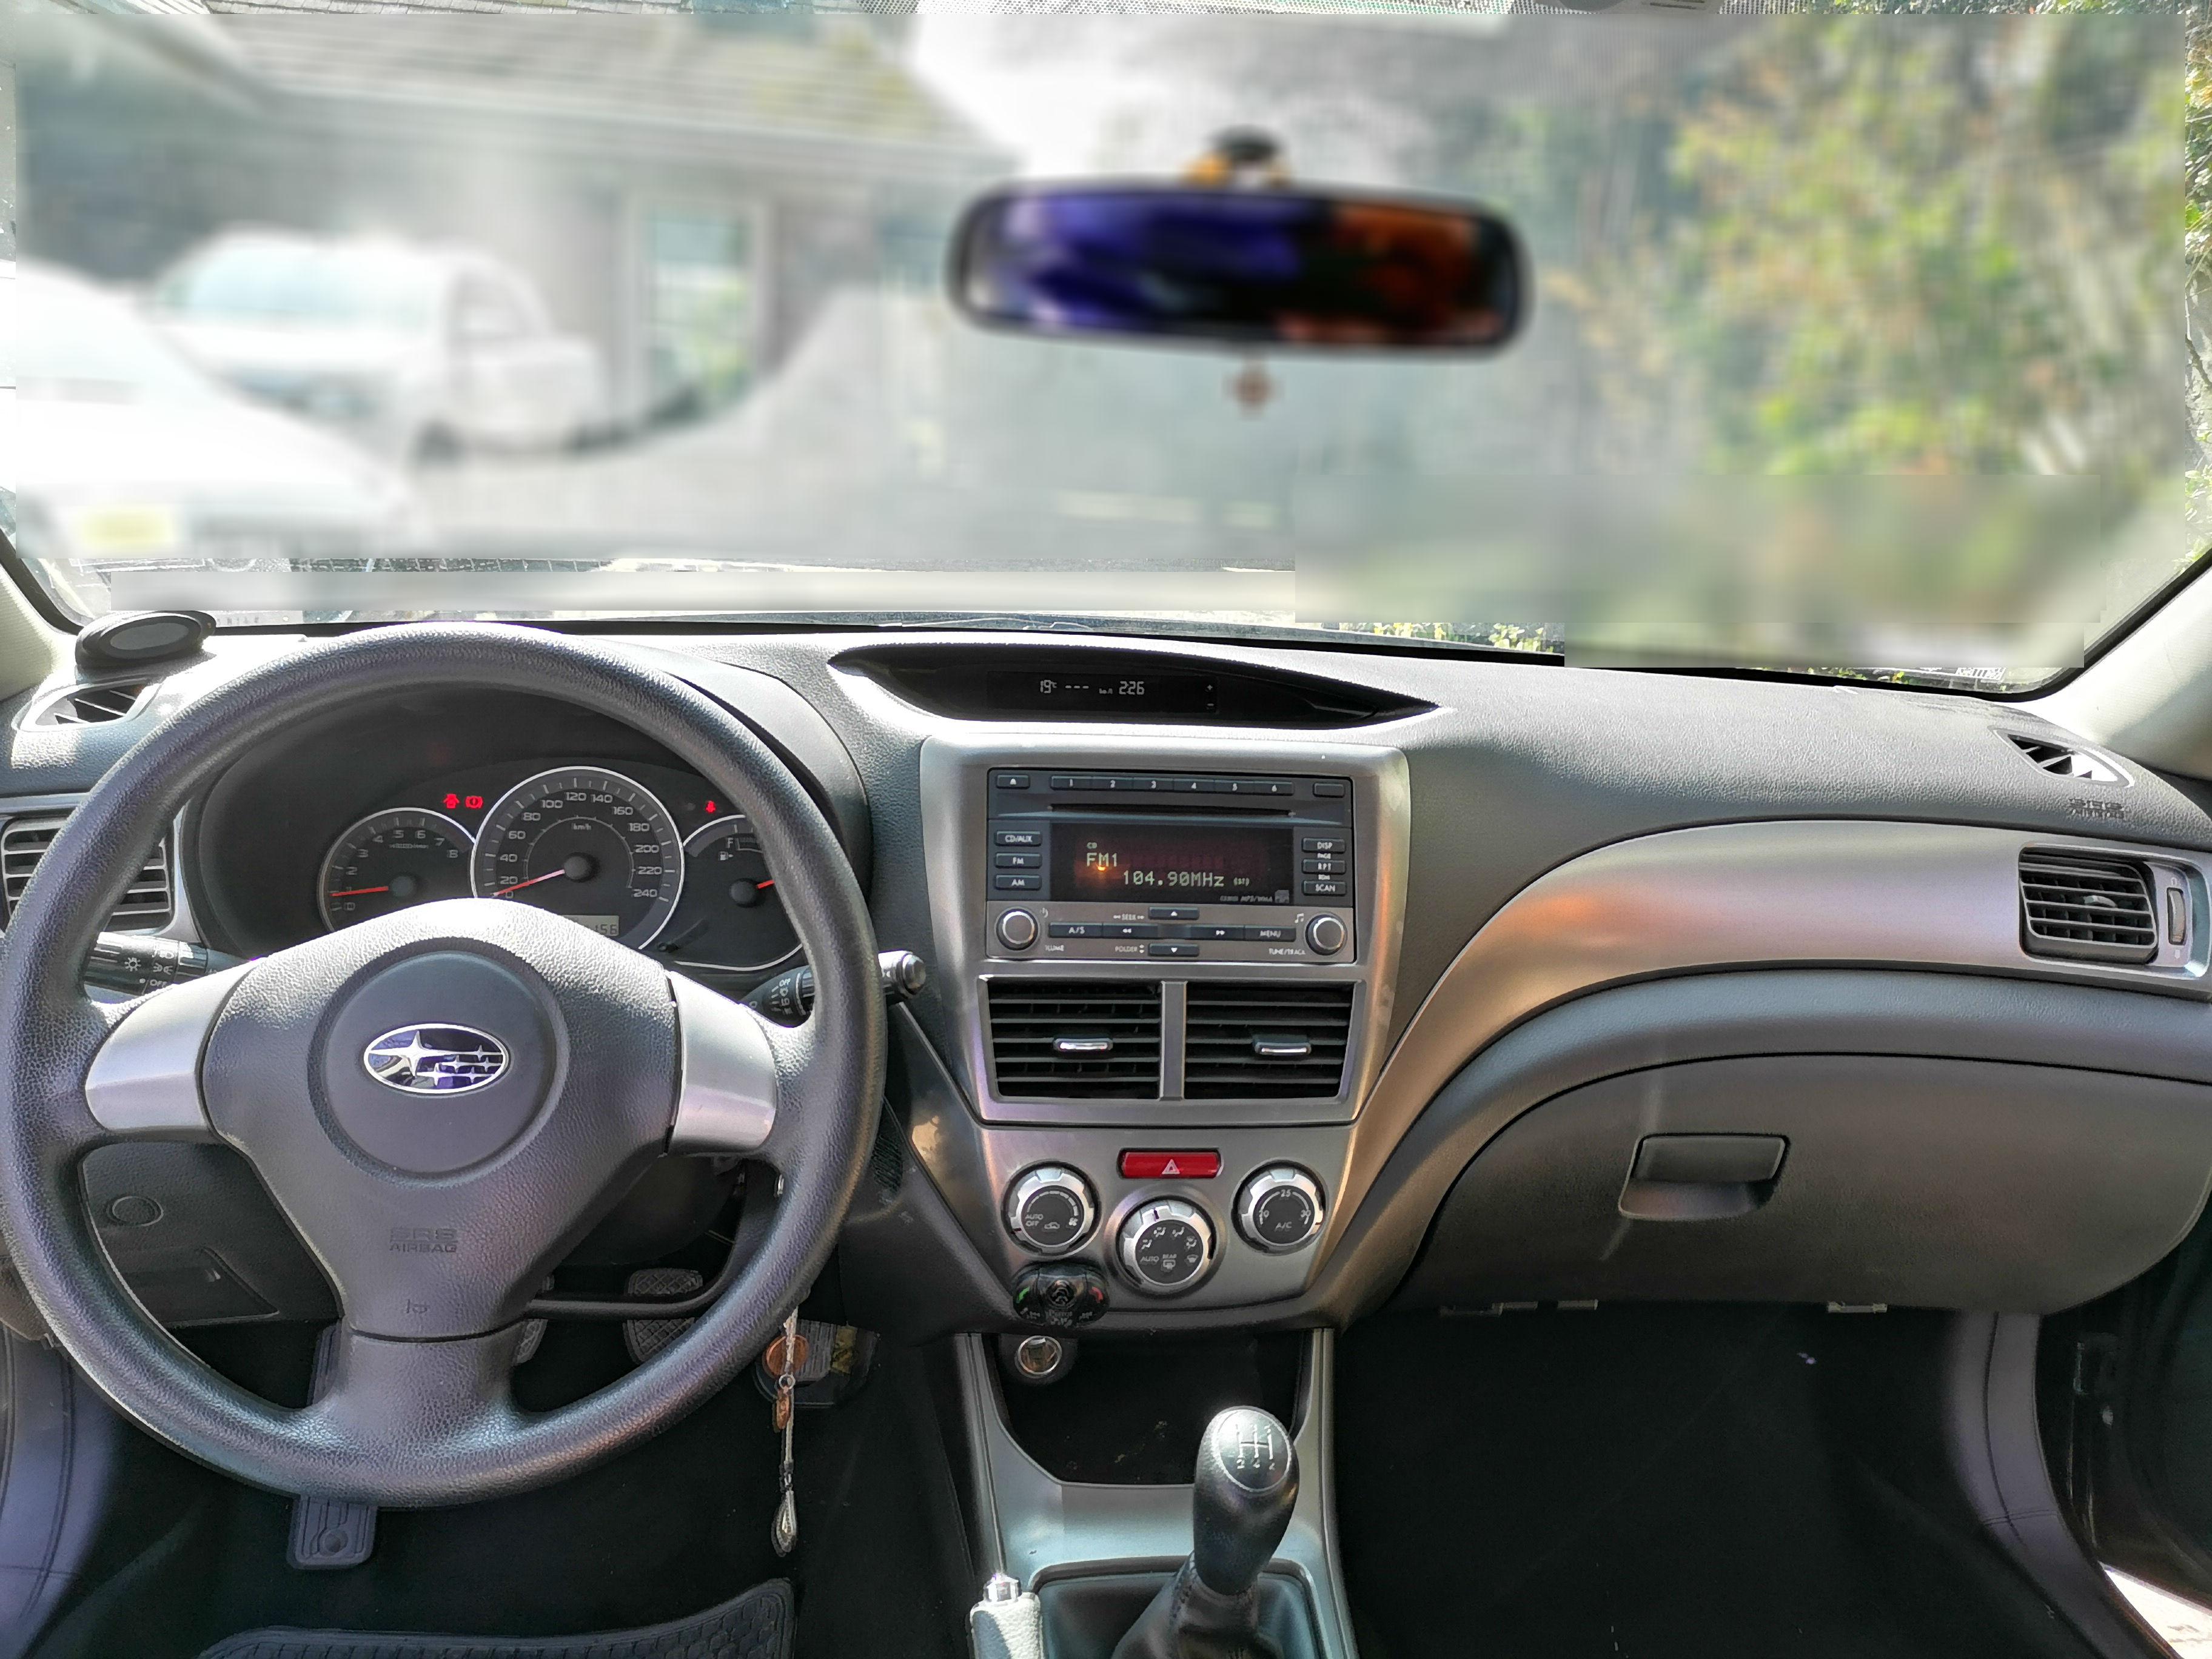 Subaru Impreza 2.0R AWD XS Sport año 2011